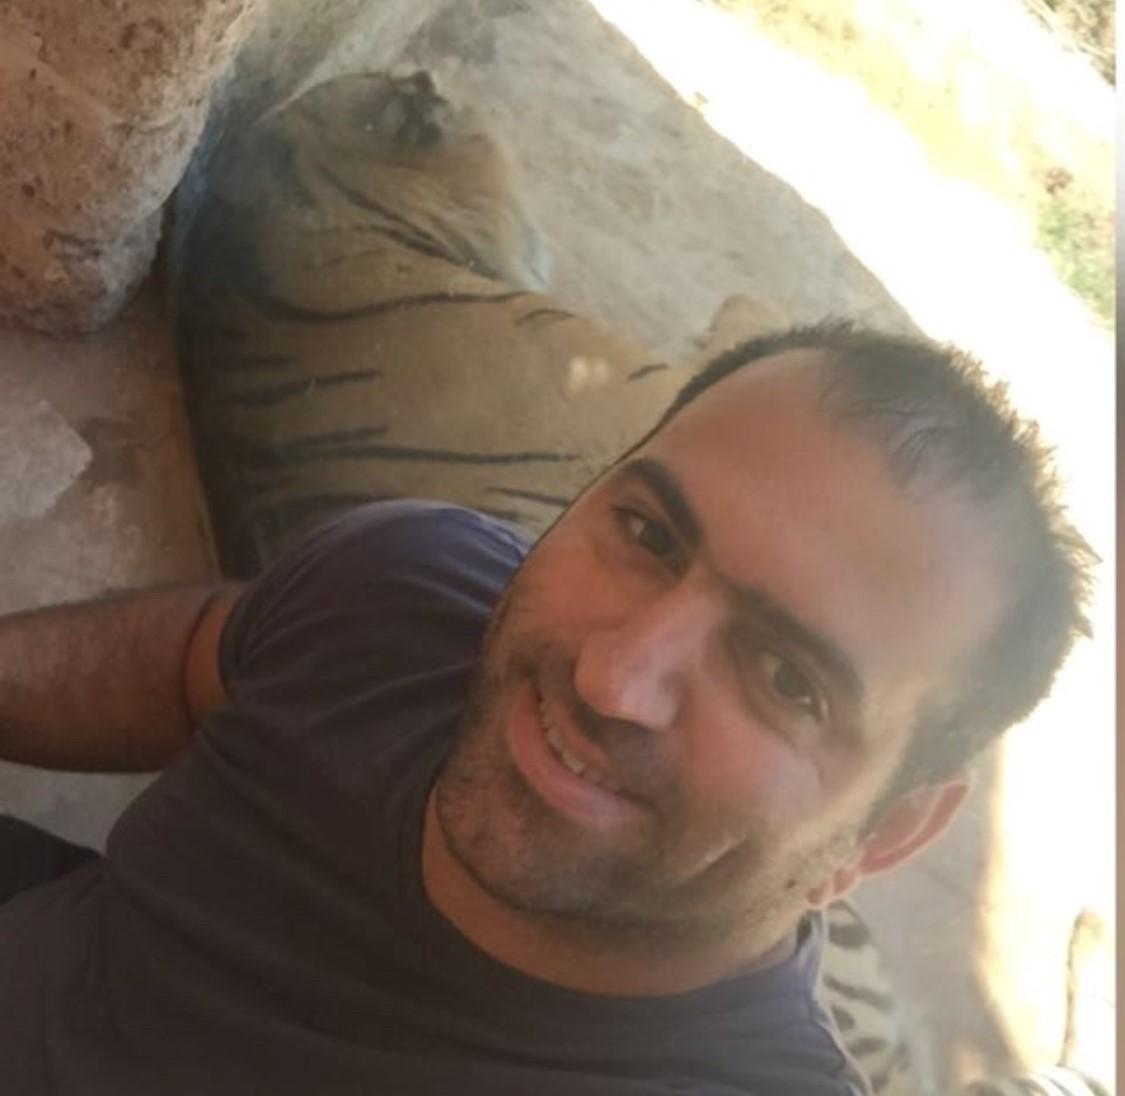 אסף חן חנות בגדי עבודה בראשון לציון המלביש